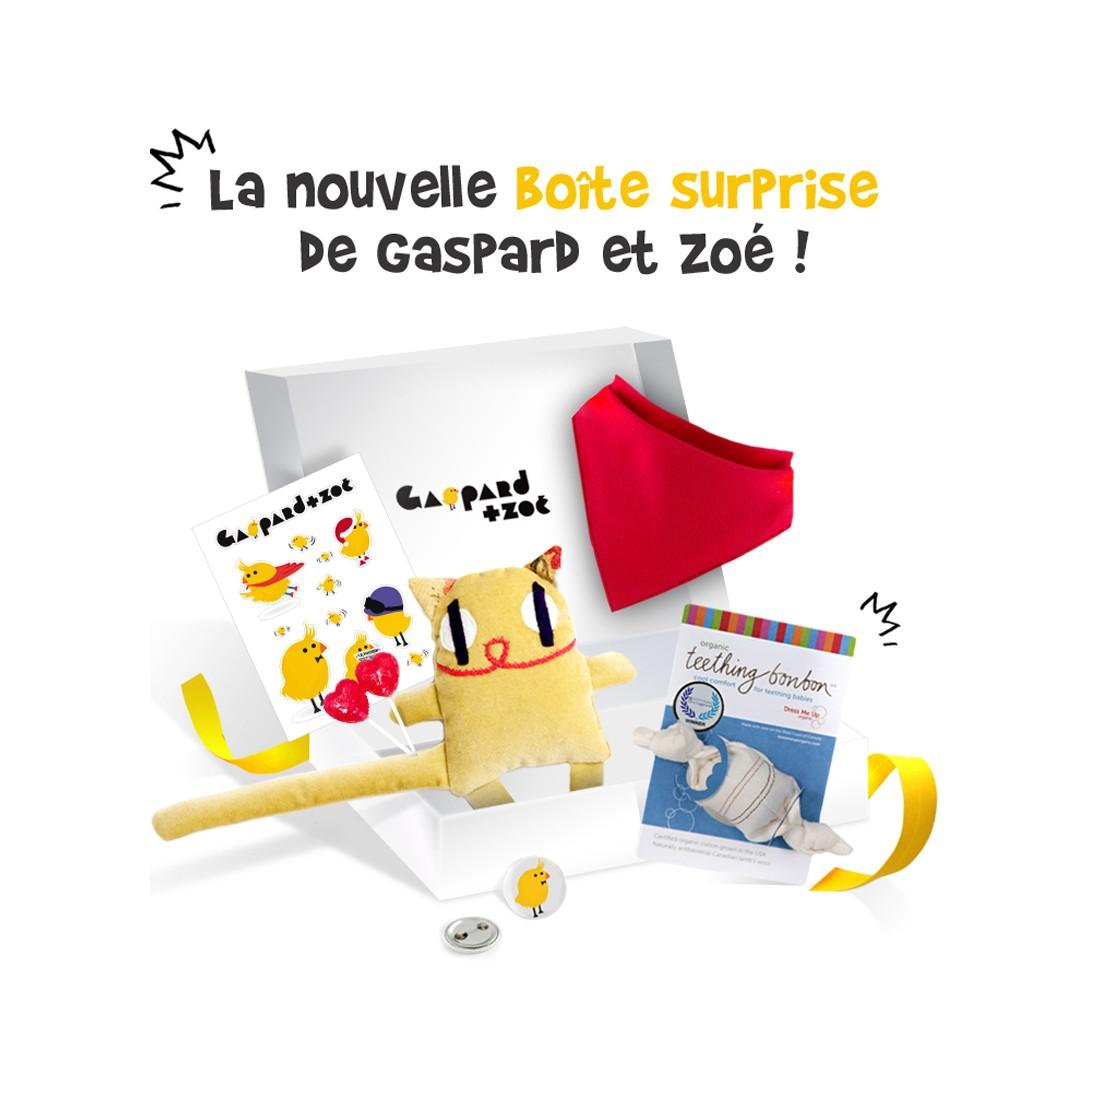 Boite surprise pour bébé - cadeaux bébé by Les Créateurs - Baby Box - 3 mois